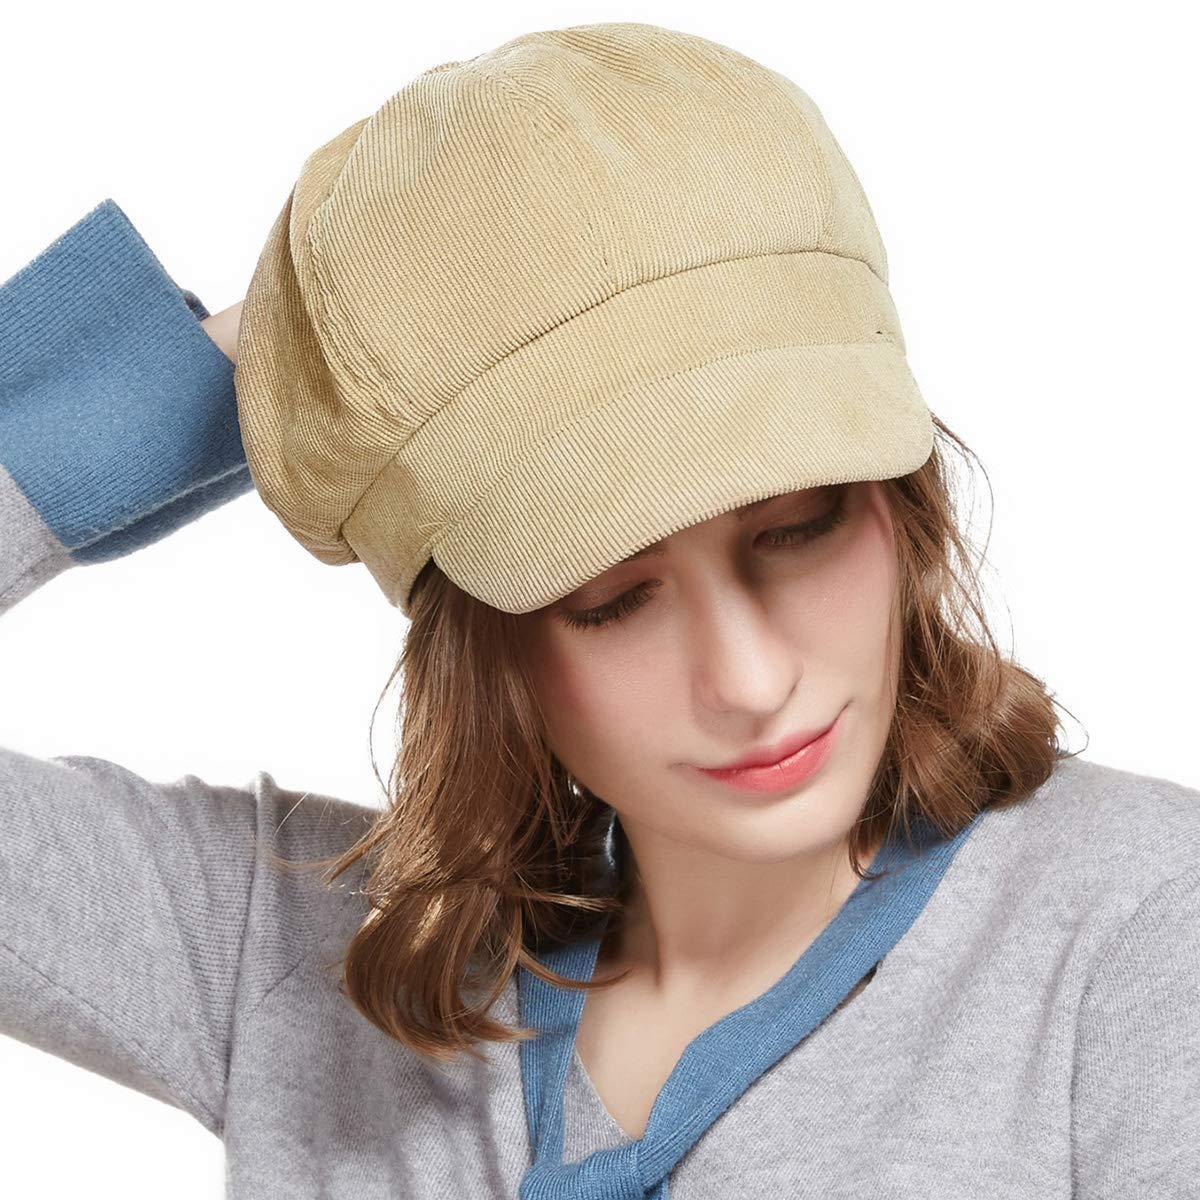 Beige Beret Corduroy Newsboy Hat for Women Visor Adjustable Winter Octagonal Cap for Ladies